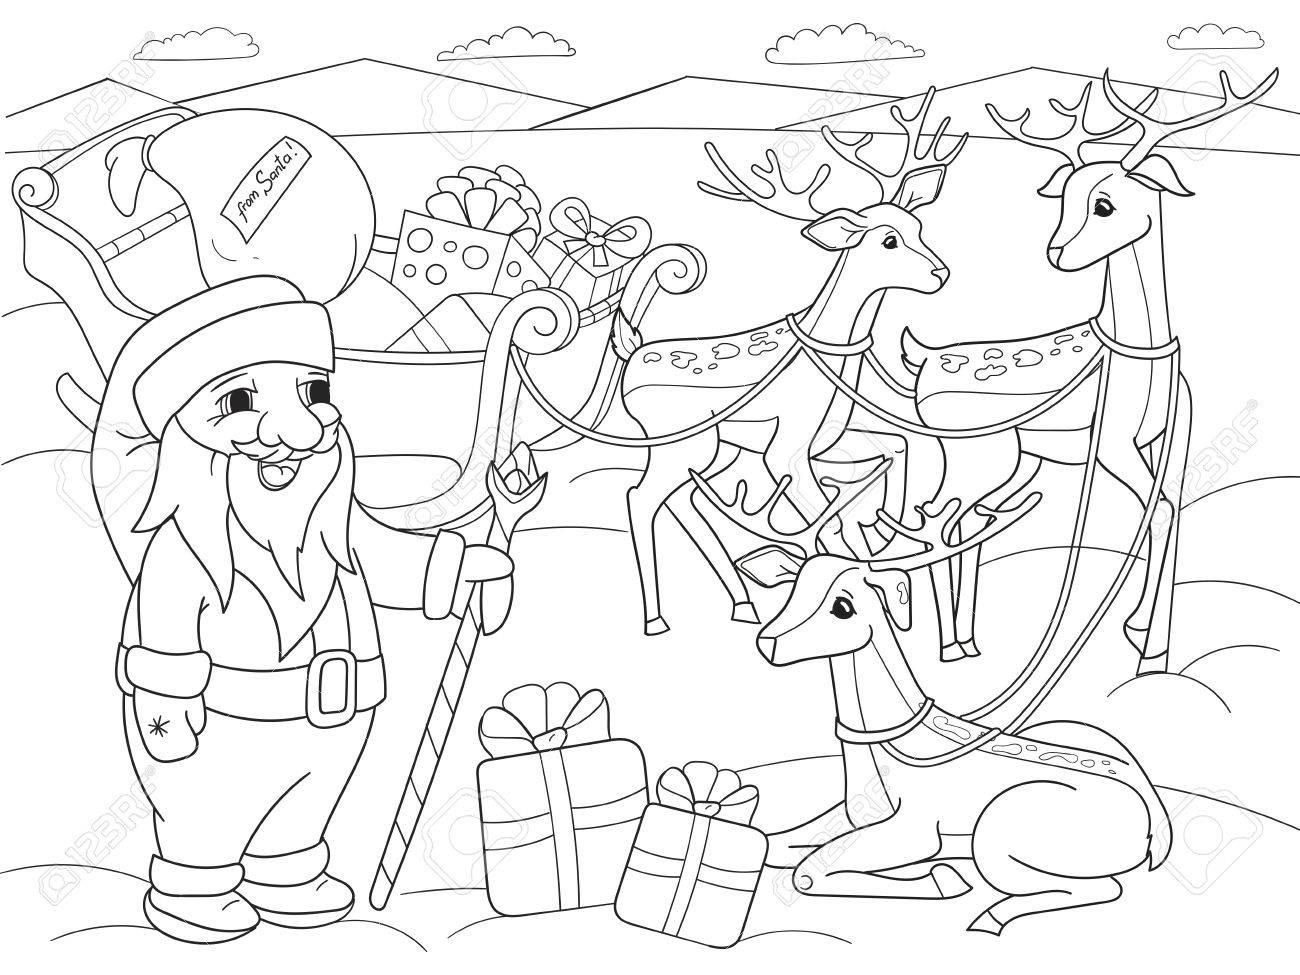 Coloriage Animaux Amis De Dessin Anime Pour Enfants Dans La Nature